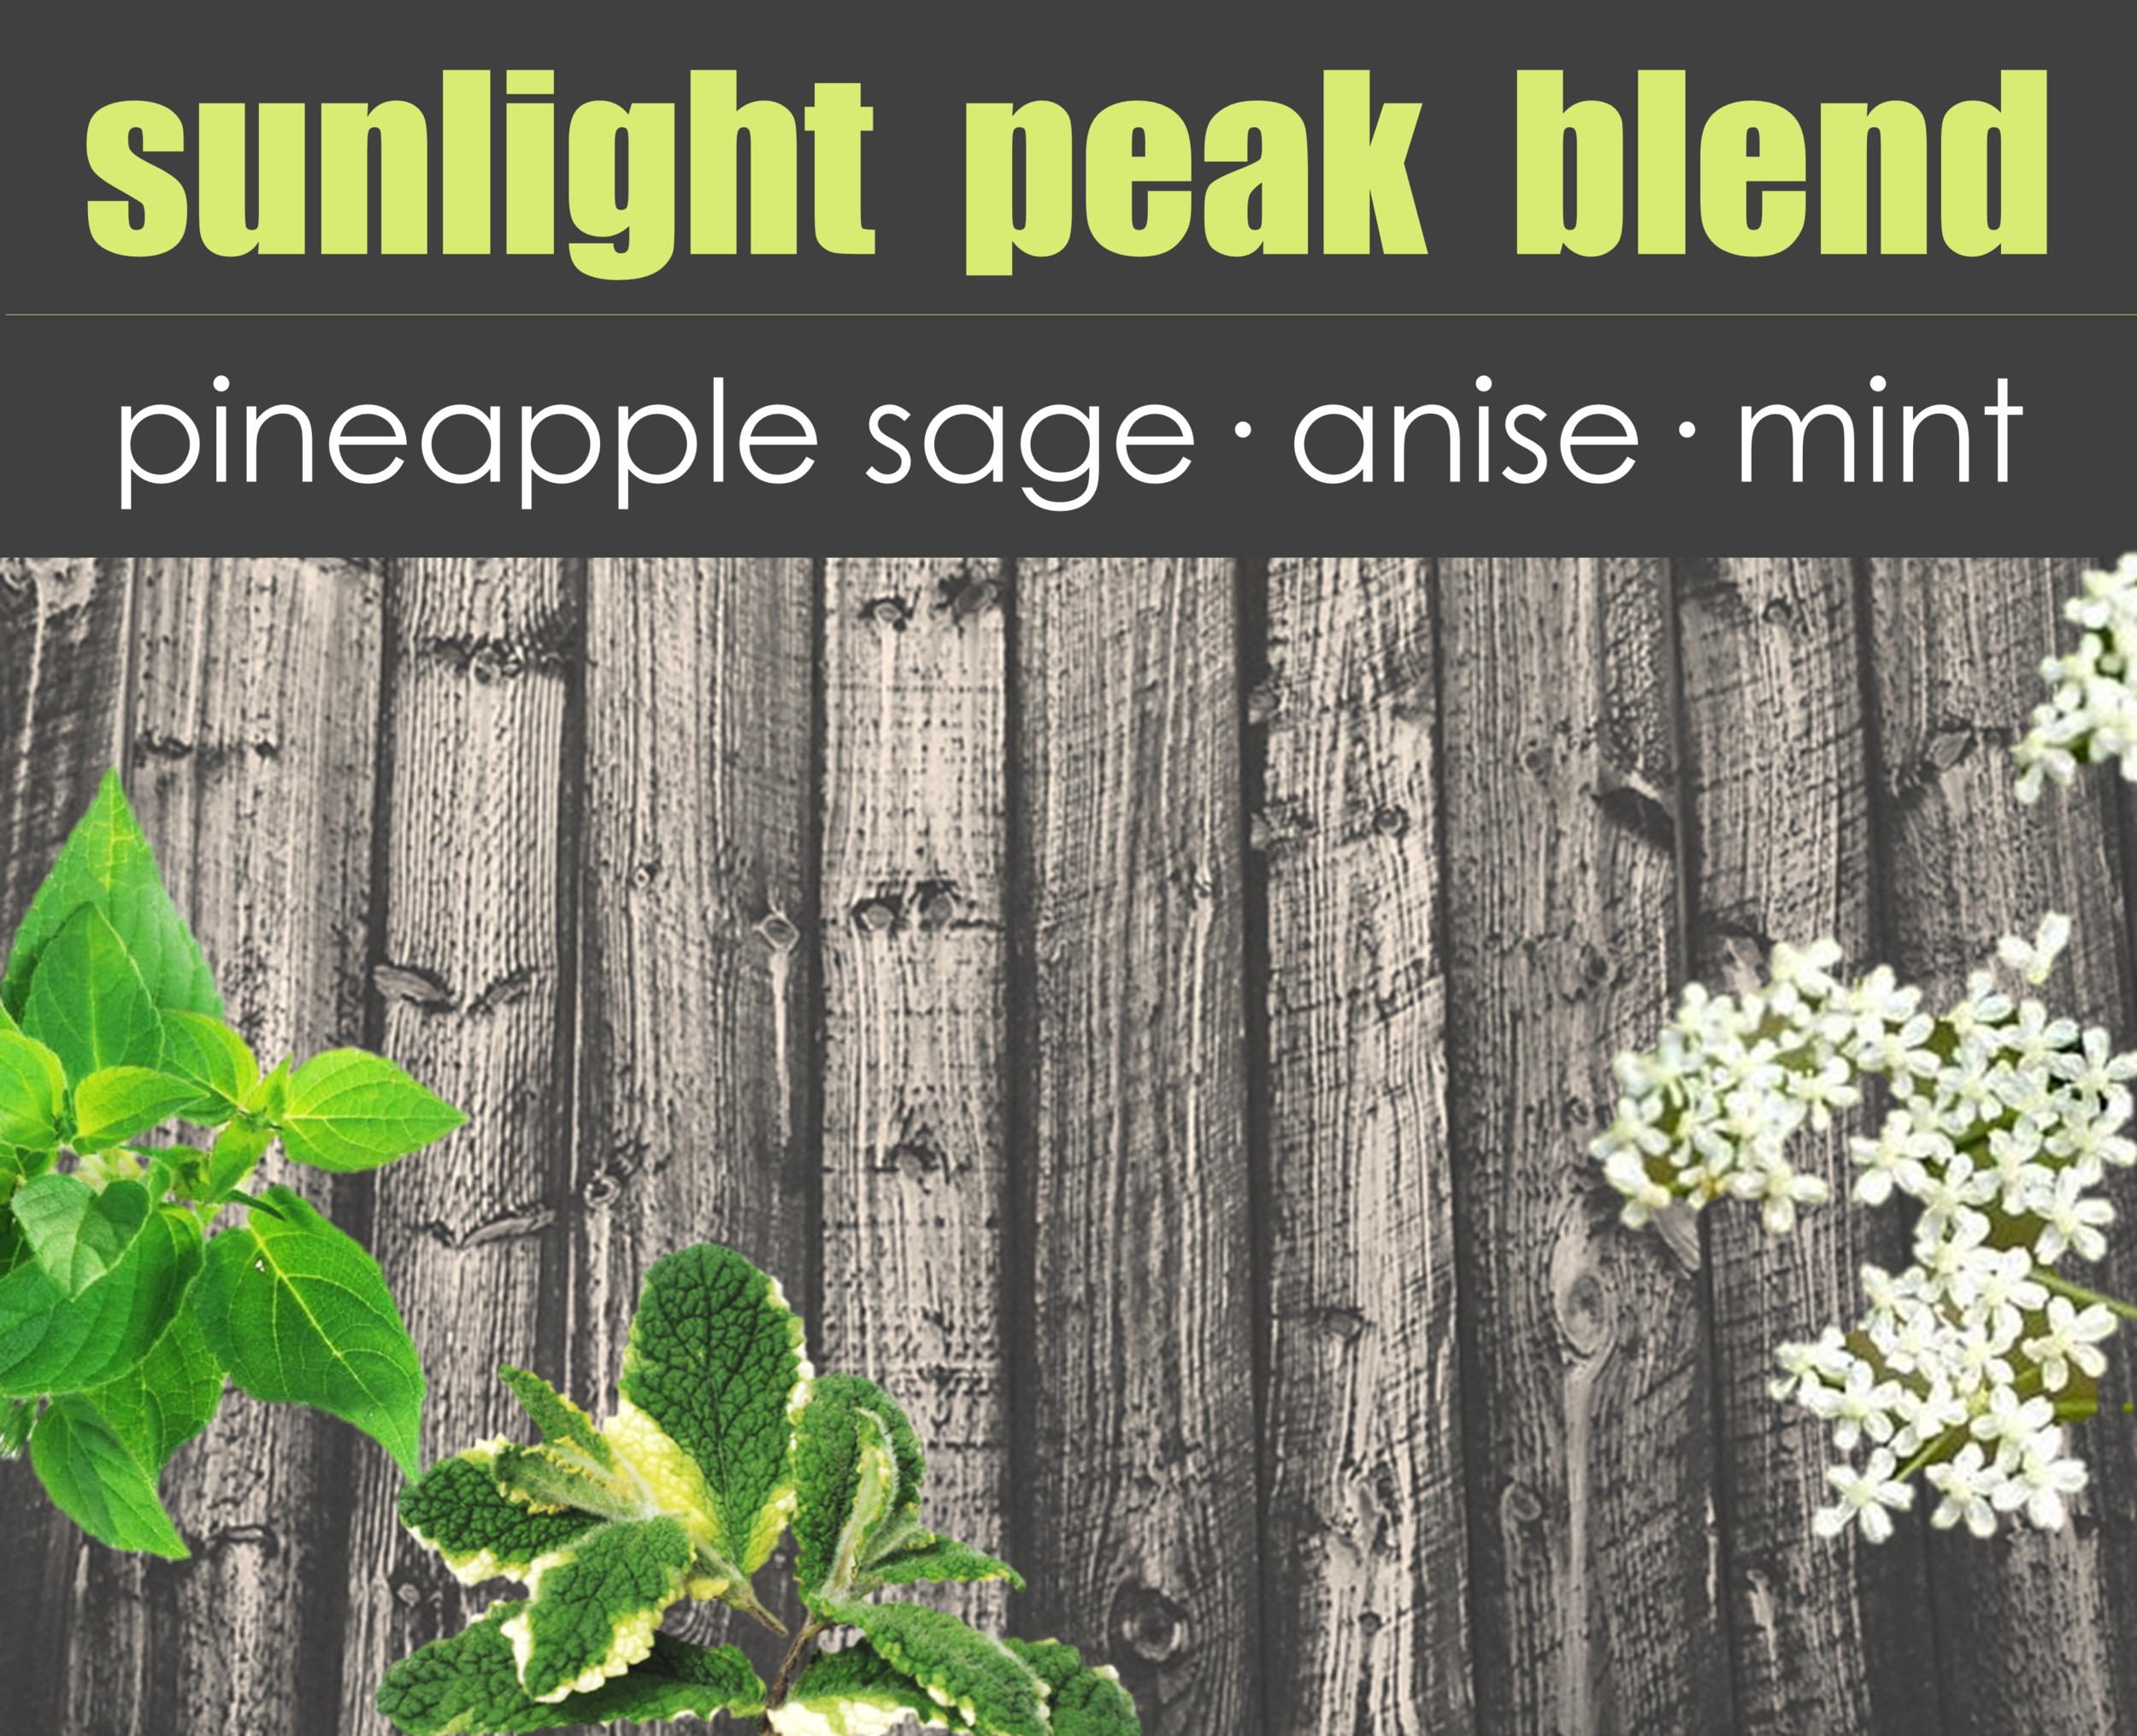 SunlightPeak_big.png